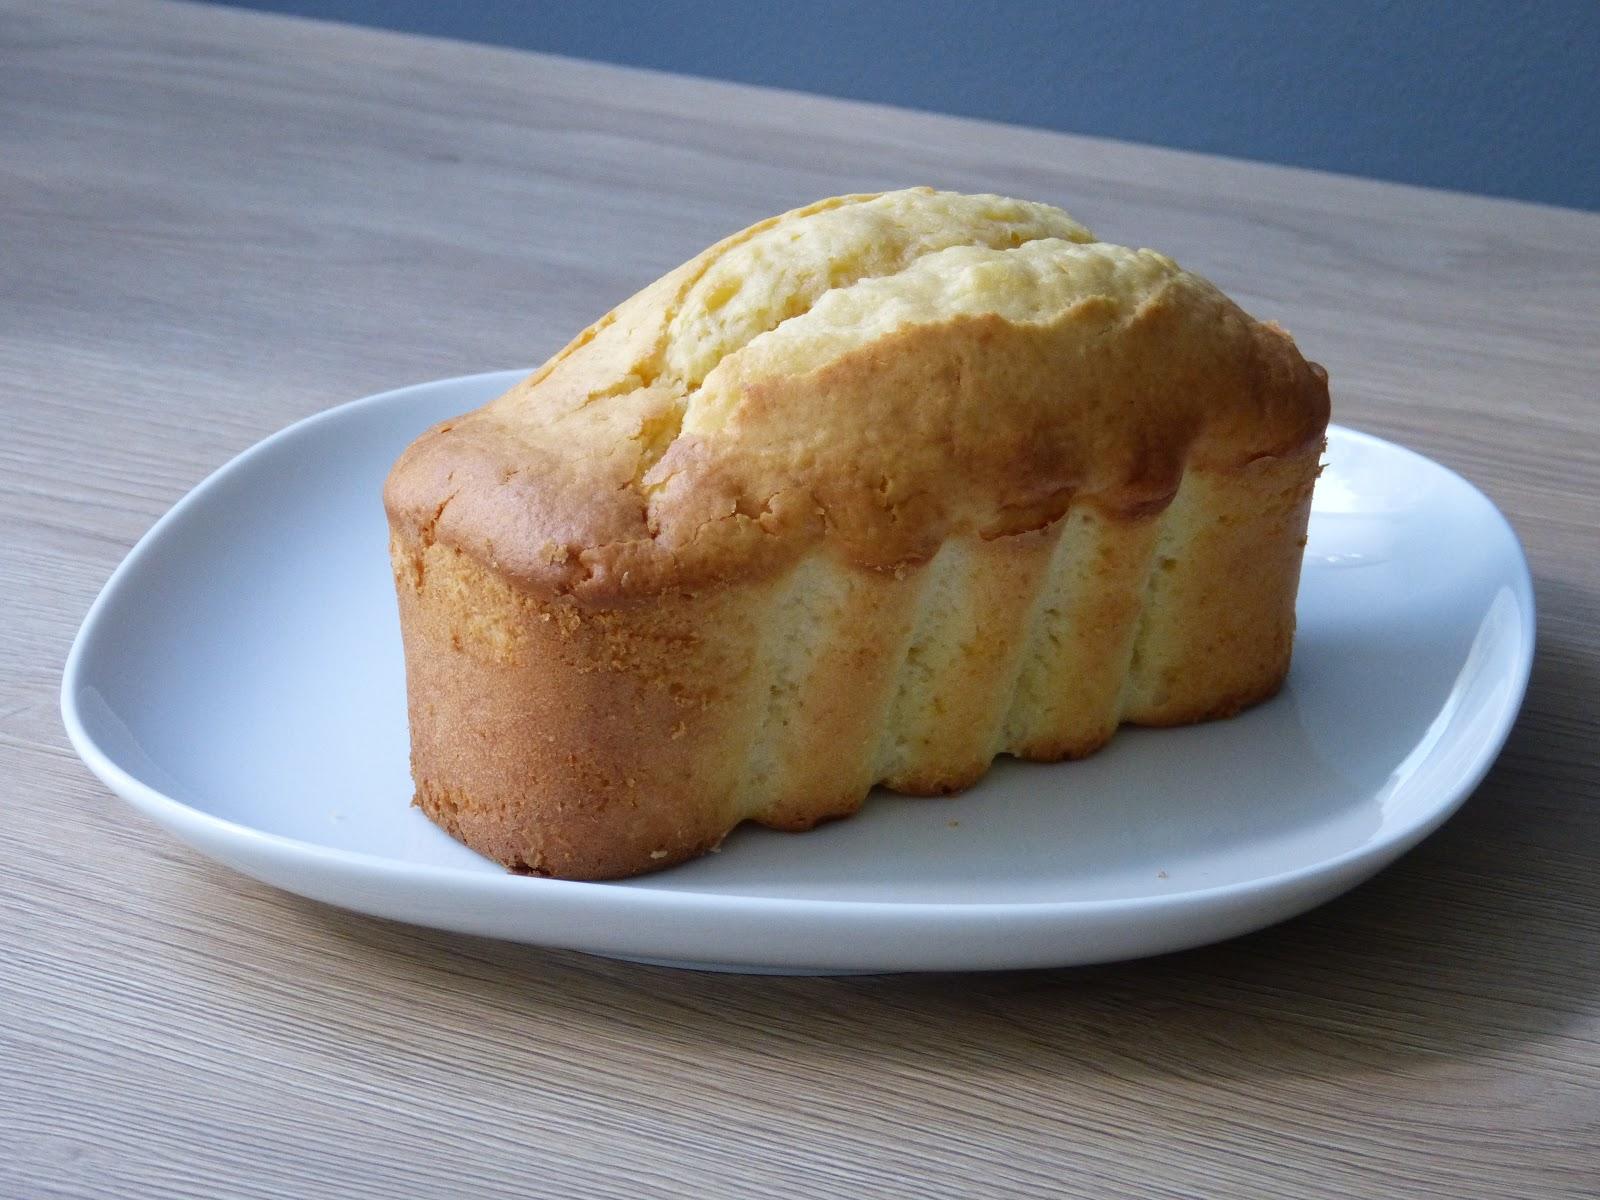 Mamzelle cuisine cake au citron et mascarpone - Cuisine au mascarpone ...